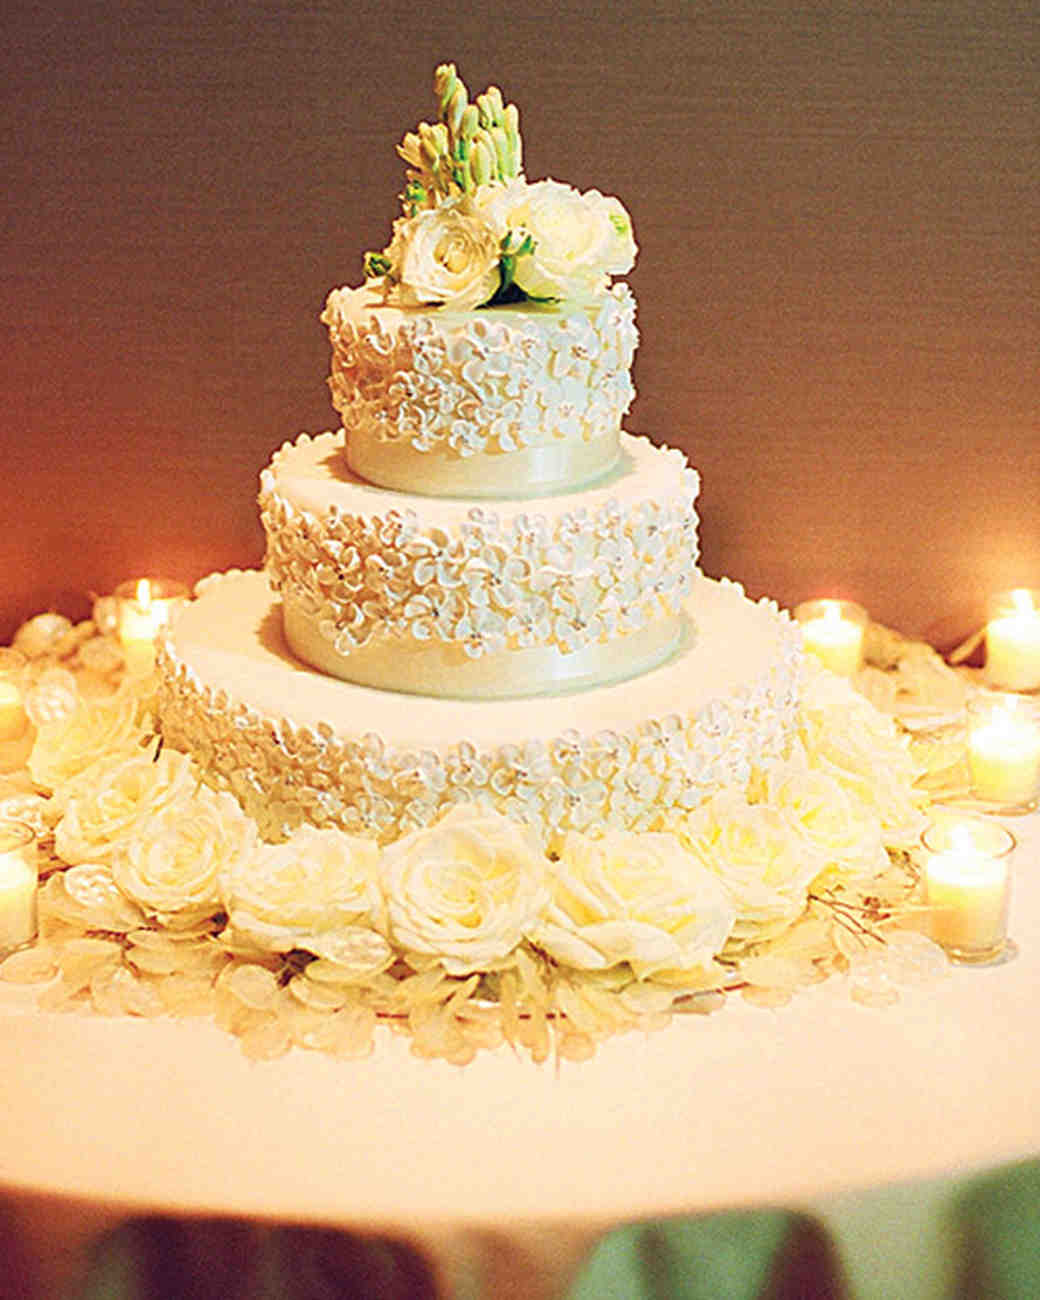 mw2130_0110_cake.jpg